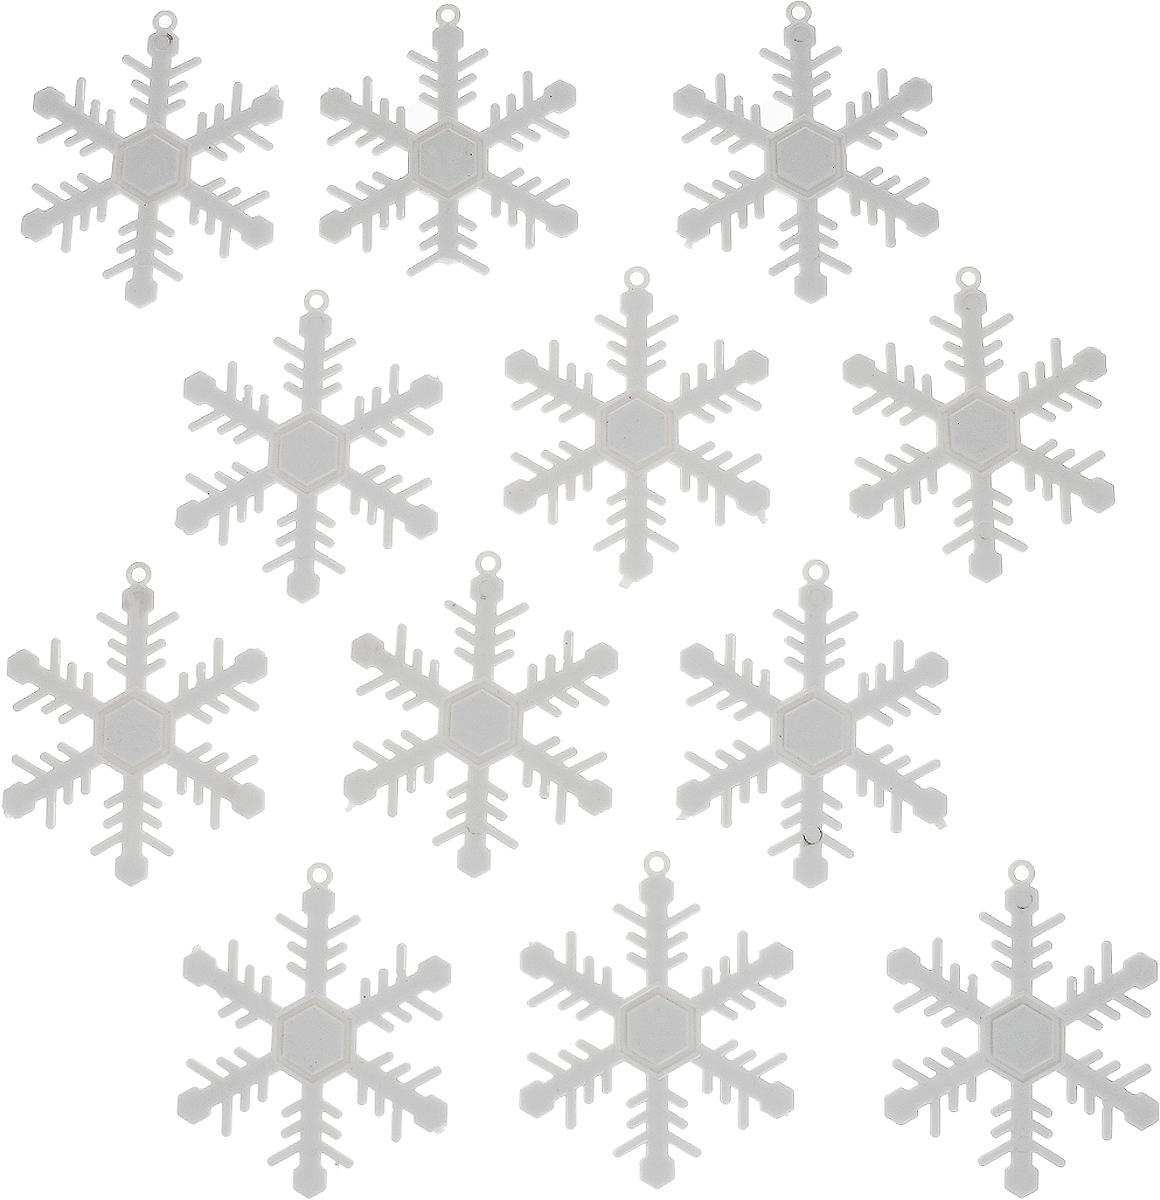 Украшение новогоднее подвесное Winter Wings Снежинки, диаметр 6,5 см, 12 штDP-C30-016Набор украшений Winter Wings Снежинки прекрасно подойдет для праздничного декора новогодней ели. Изделия выполнены из высококачественного пластика в виде снежинок. Для удобного размещения на елке на украшениях предусмотрены веревочки.Елочная игрушка - символ Нового года. Она несет в себе волшебство и красоту праздника. Создайте в своем доме атмосферу веселья и радости, украшая новогоднюю елку нарядными игрушками, которые будут из года в год накапливать теплоту воспоминаний. Откройте для себя удивительный мир сказок и грез. Почувствуйте волшебные минуты ожидания праздника, создайте новогоднее настроение вашим дорогим и близким.